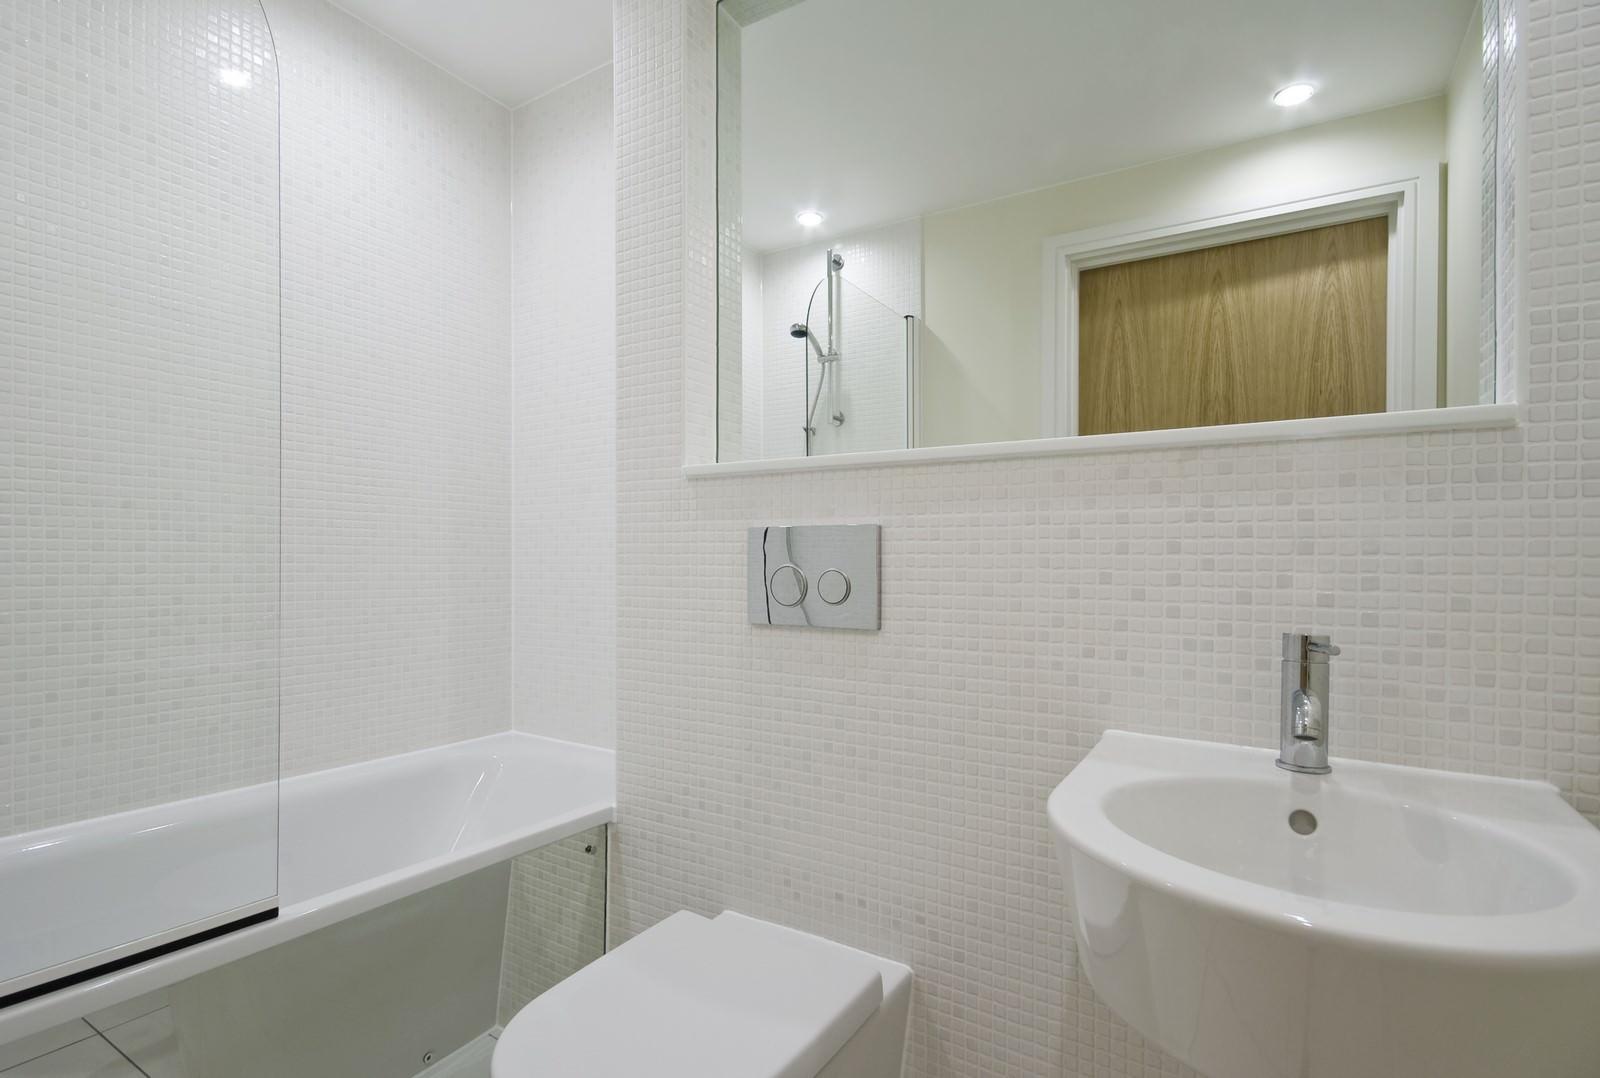 100 norme electrique salle bain pmr salle bain pmr for Meuble salle de bain pmr